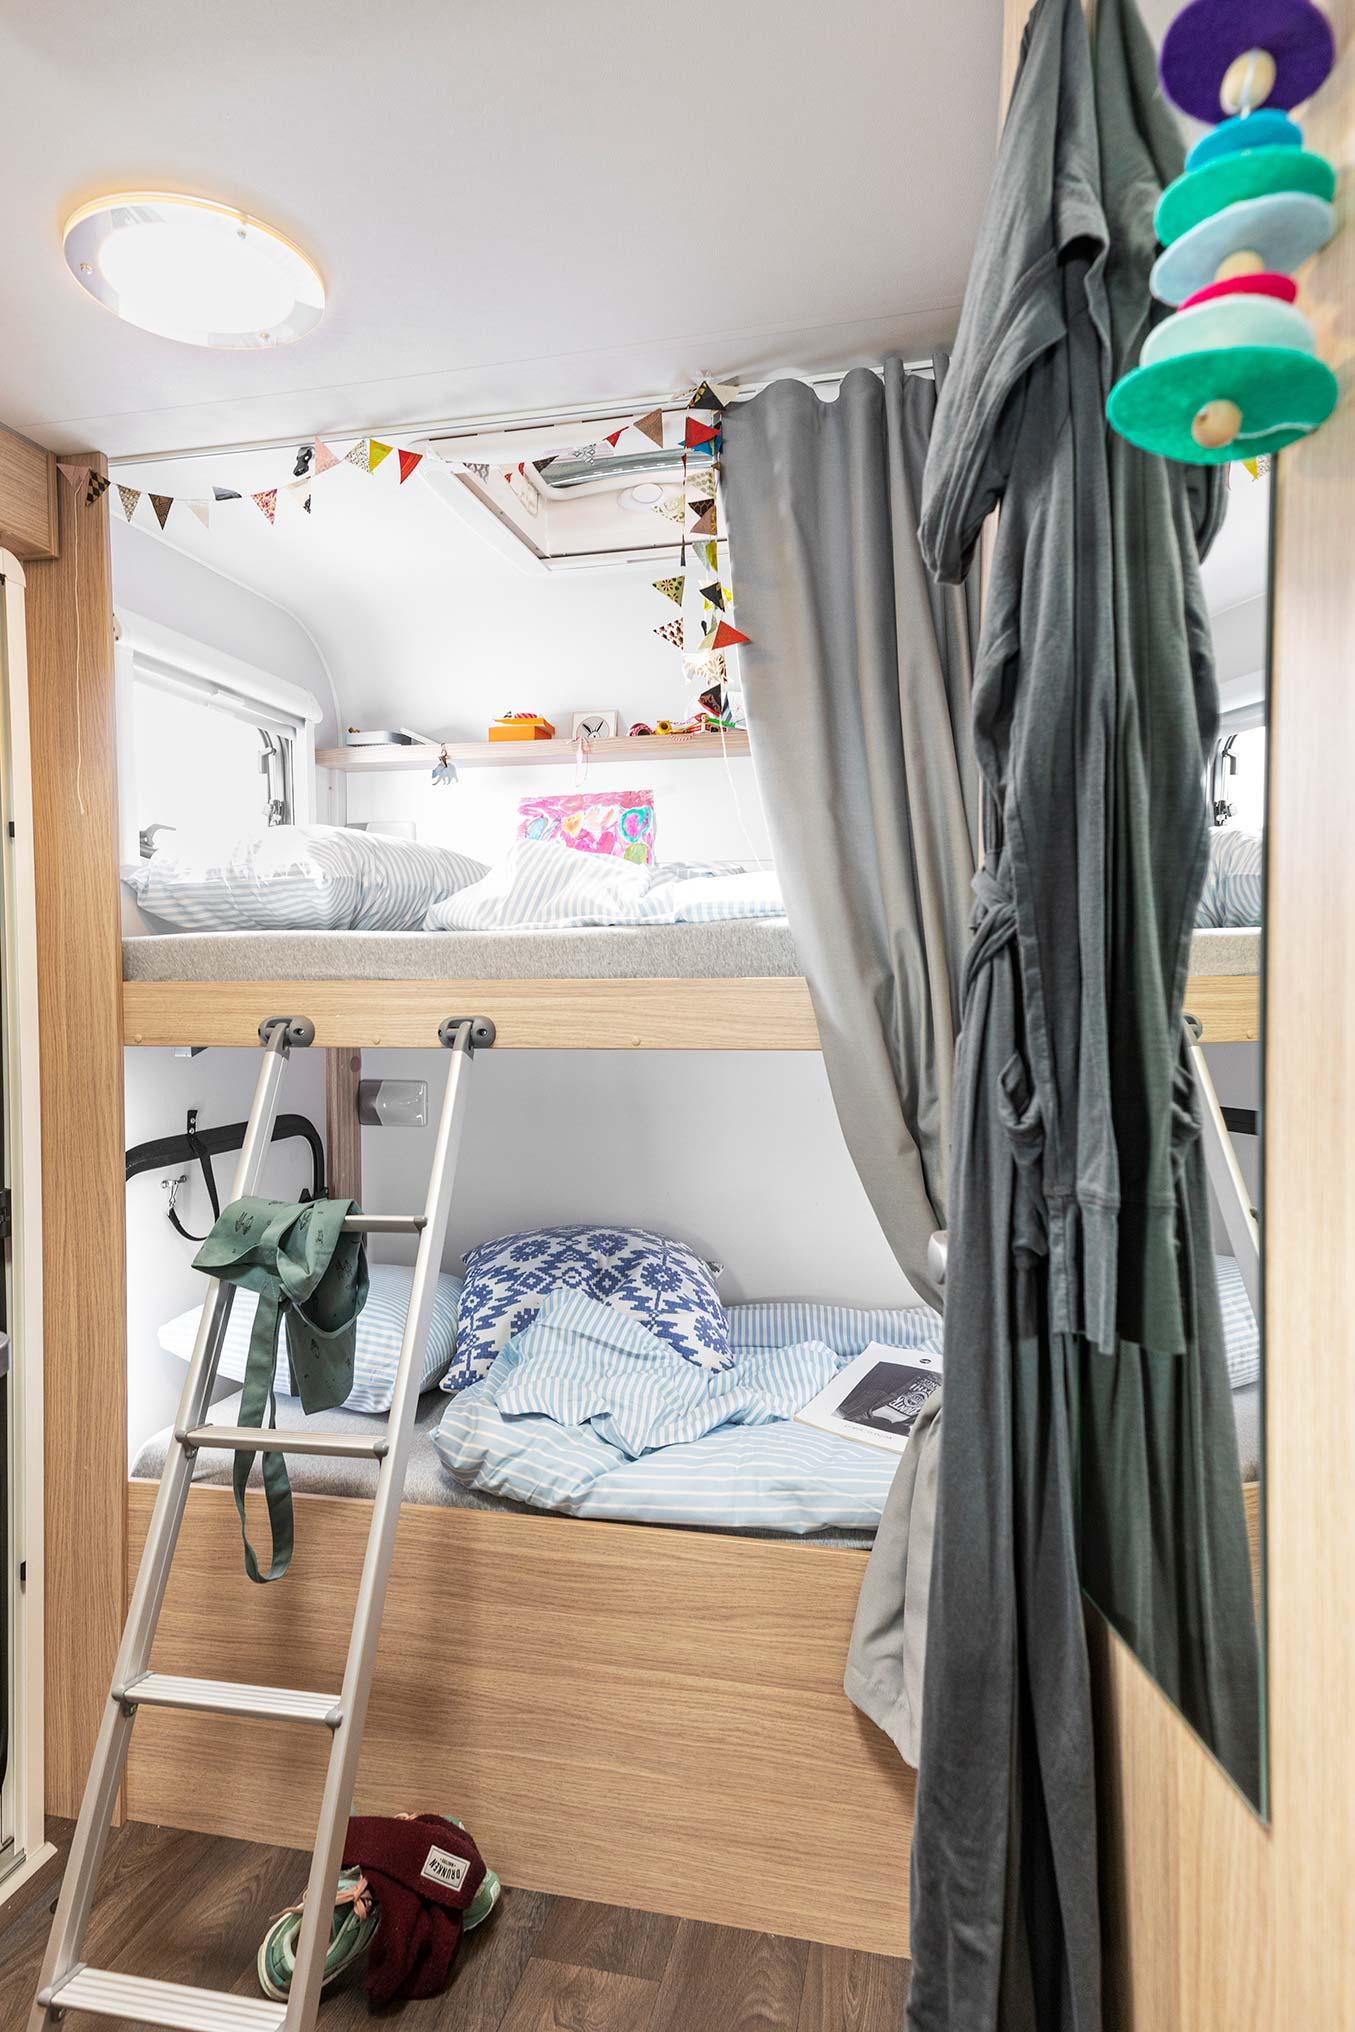 Sunlight Reisemobil Alkoven 2020